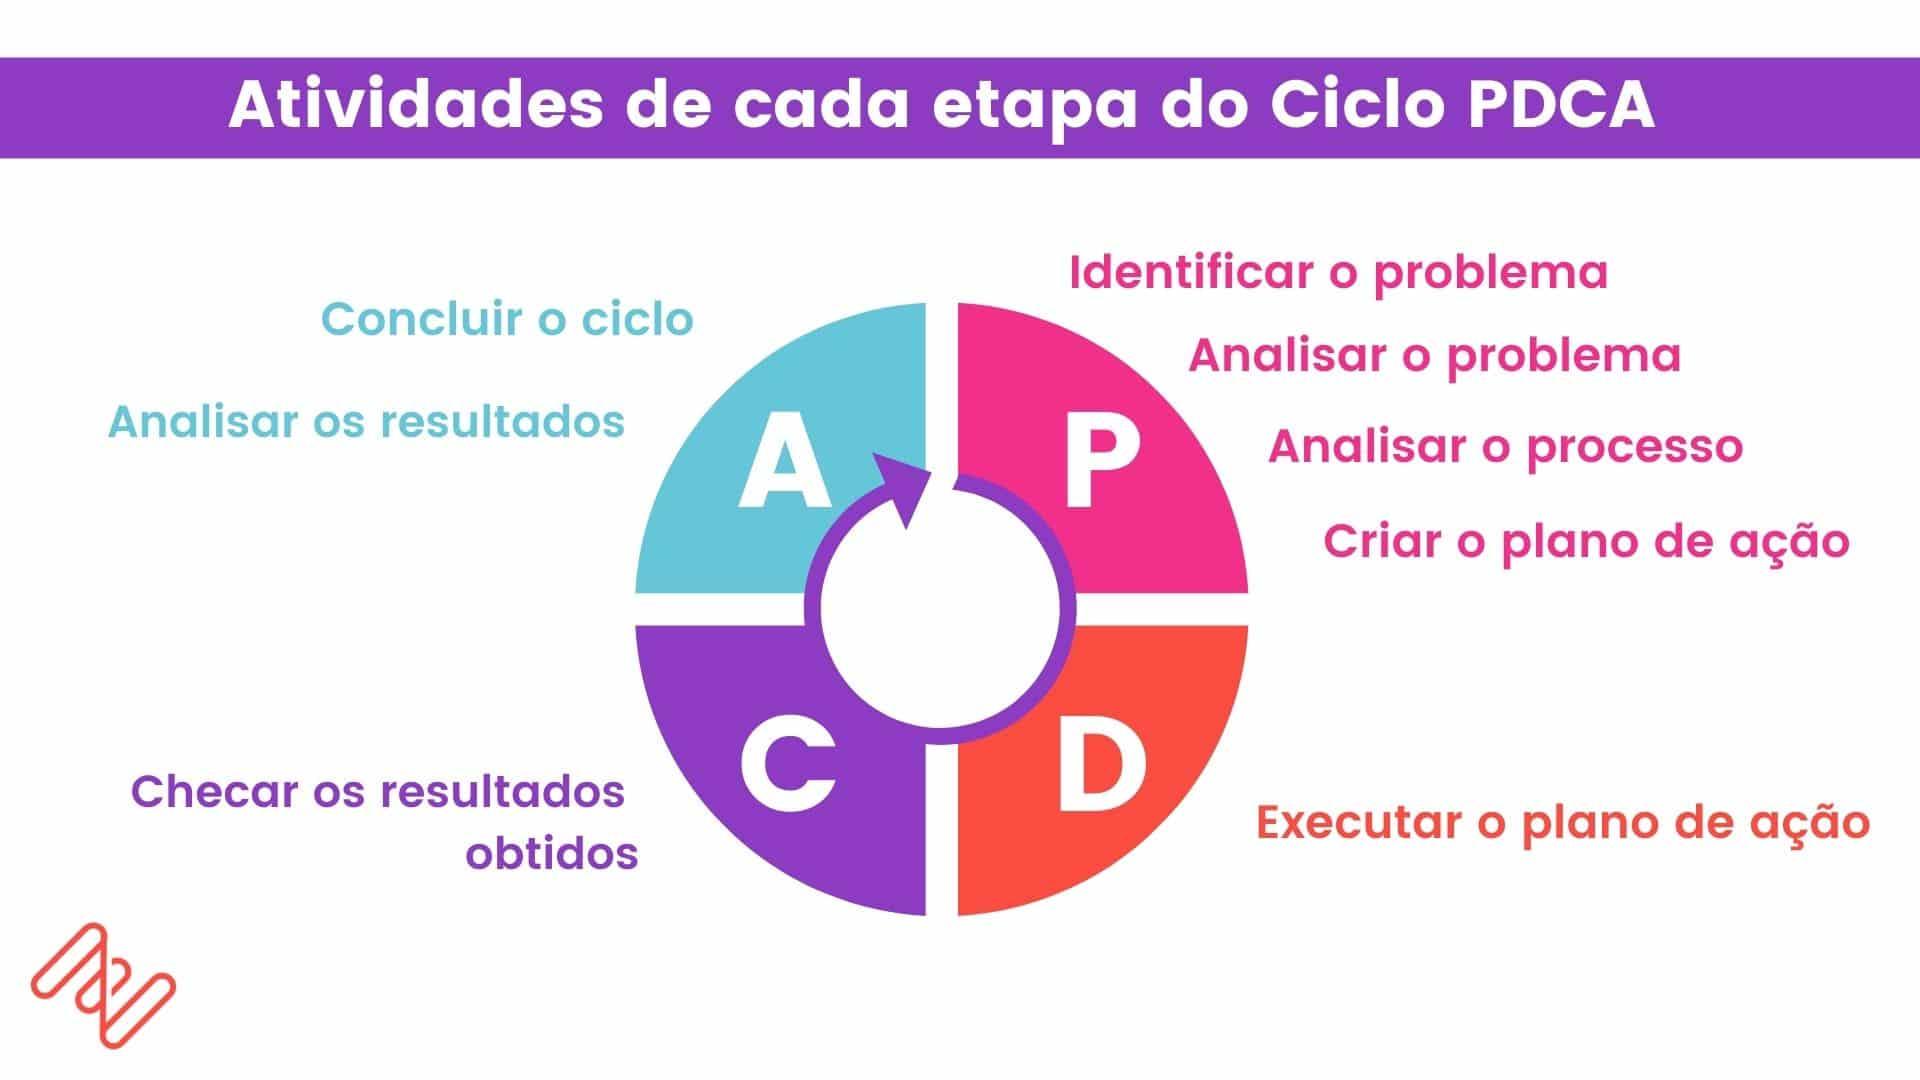 Atividades de cada etapa do ciclo PDCA